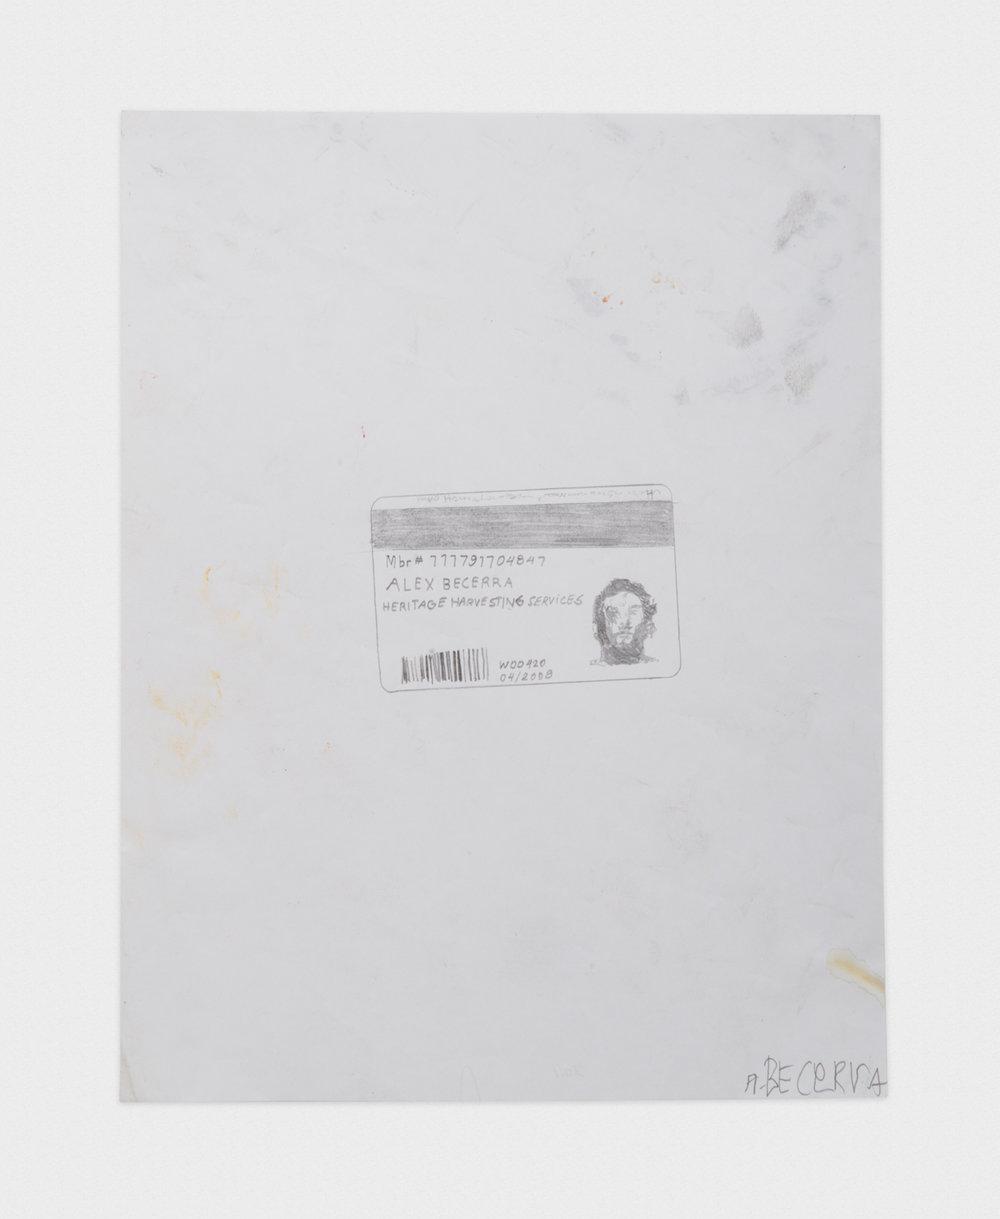 Alex Becerra Costco Card I.D. 2016 Graphite on paper 11 x 8 1/2 in (27.94h x 21.59w cm) AB431